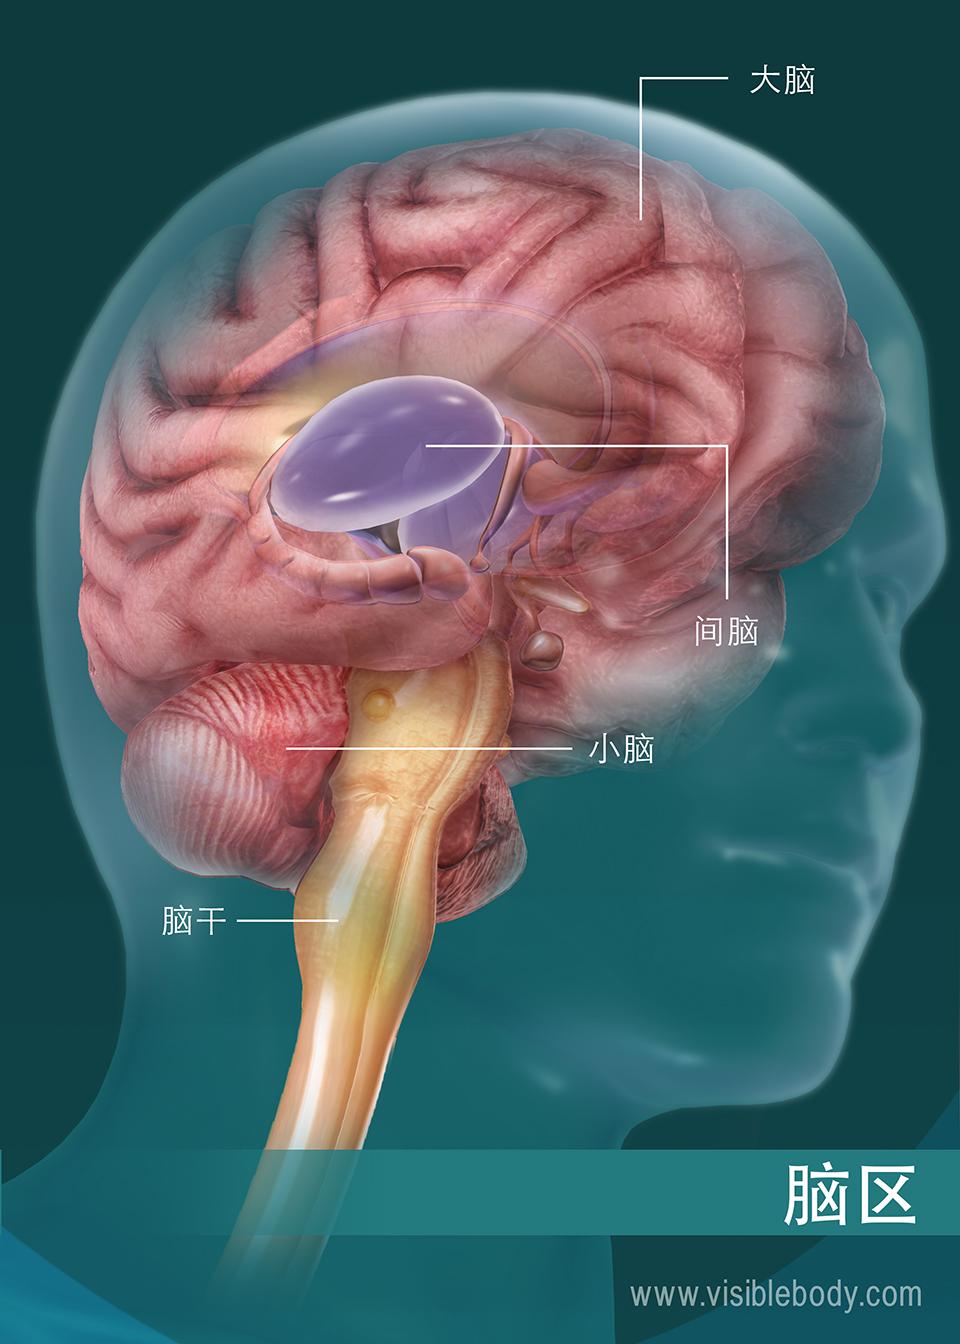 脑部区域示意图